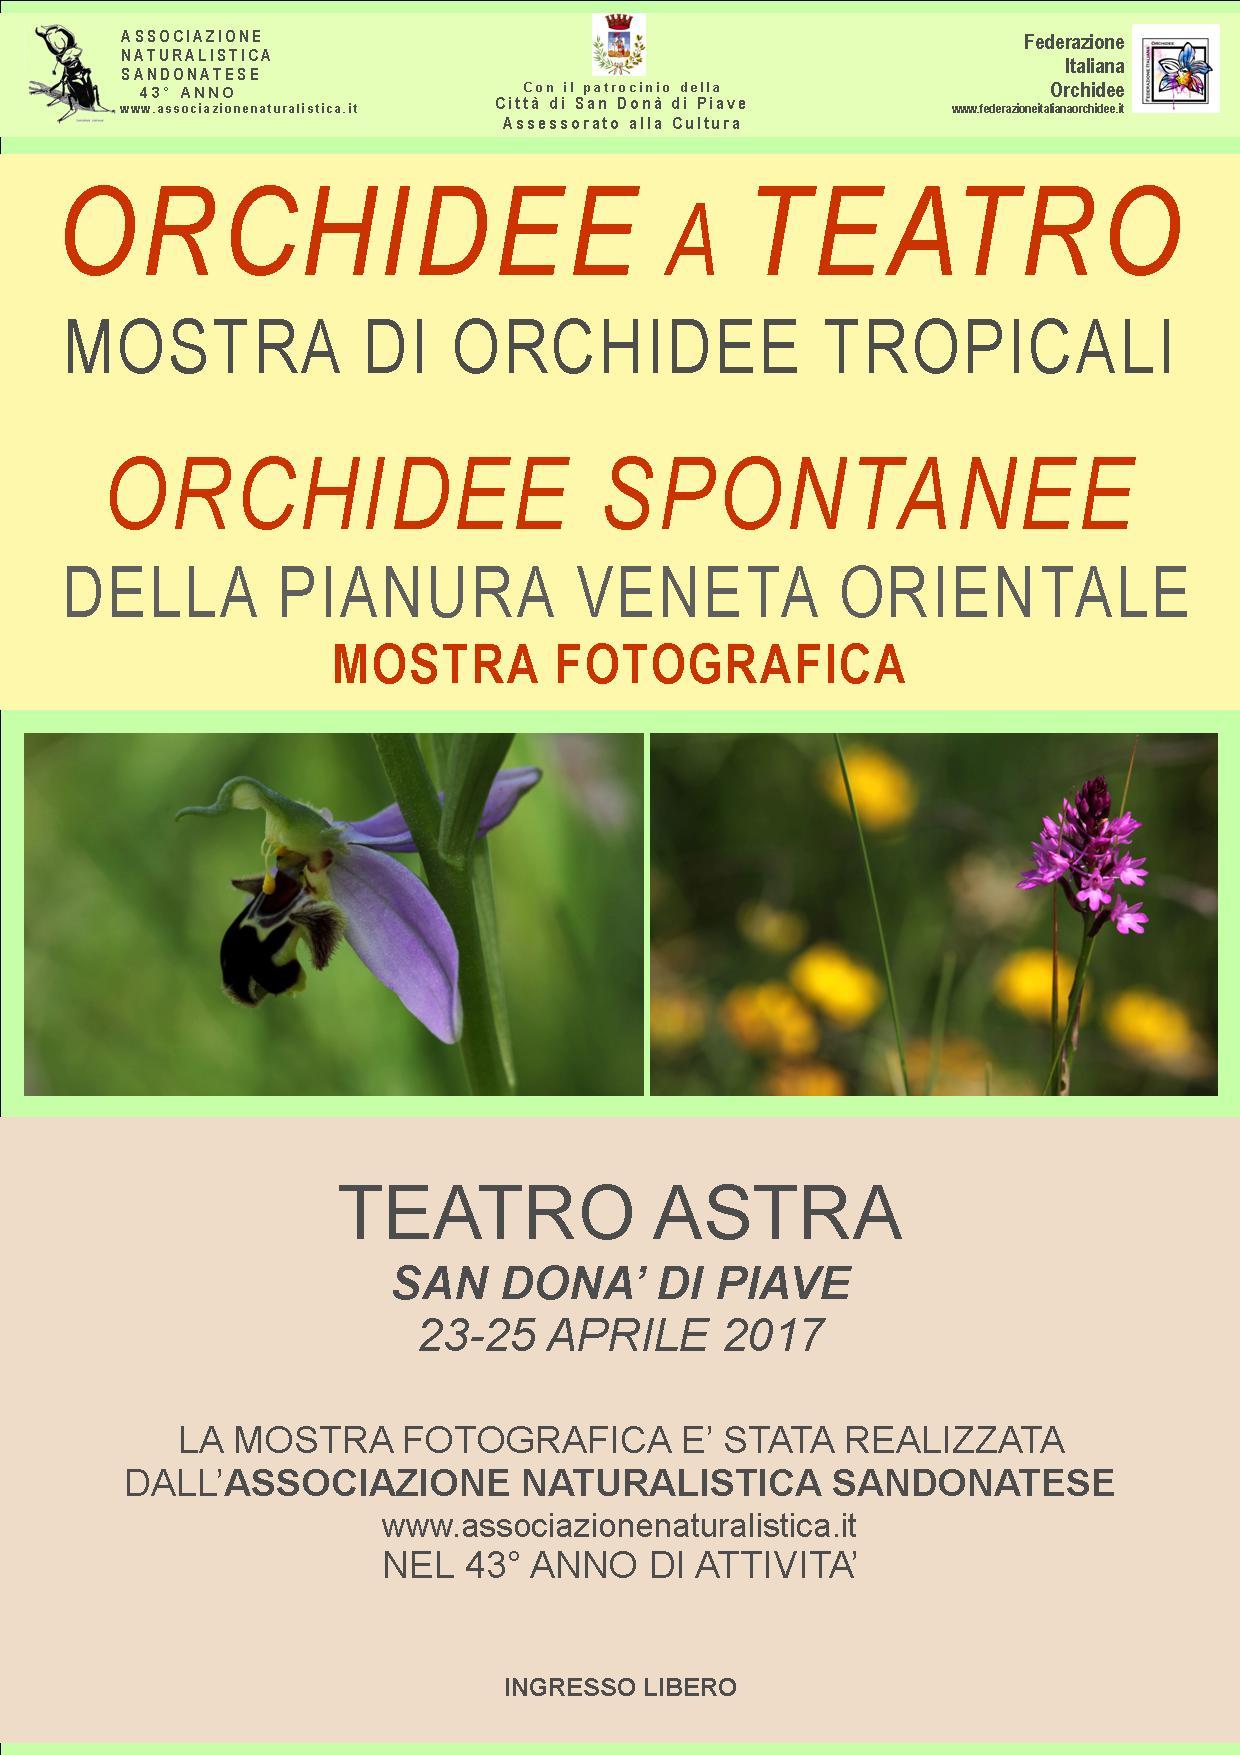 mostra fotografico-naturalistica sulle ORCHIDEE SPONTANEE DELLA PIANURA VENETA ORIENTALE